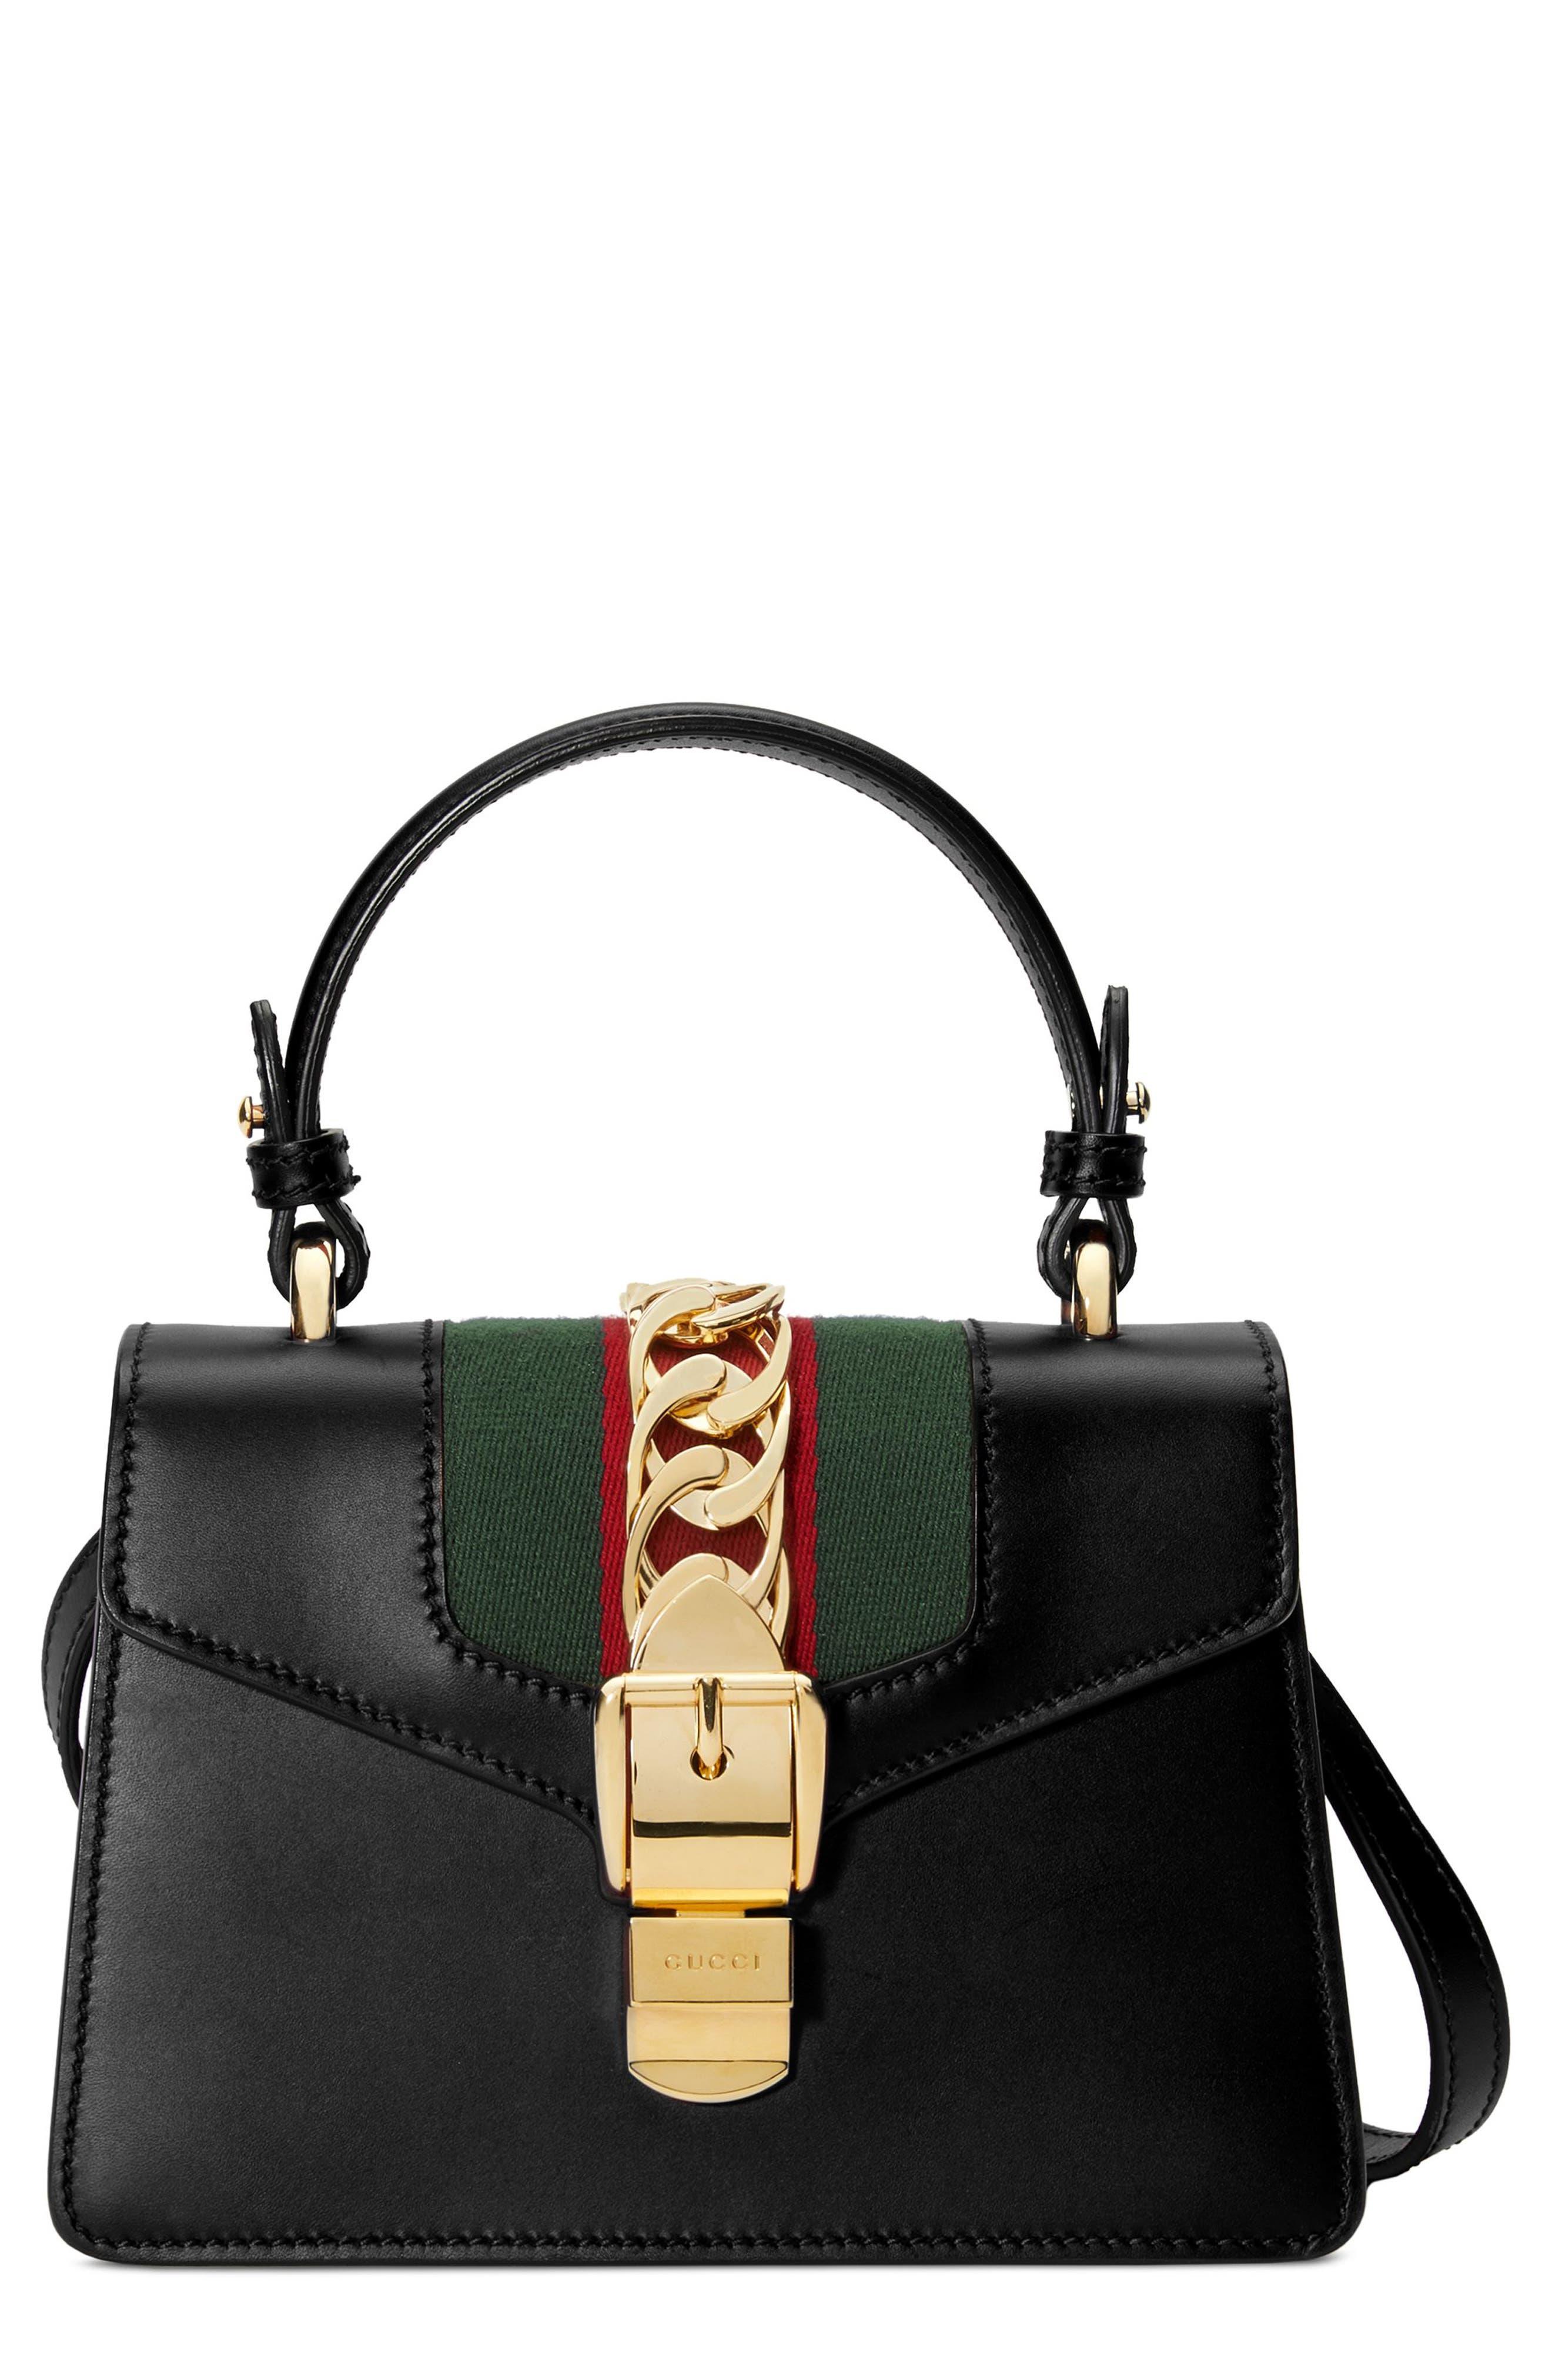 Mini Sylvie Top Handle Leather Shoulder Bag,                             Main thumbnail 1, color,                             8639 NERO/VRV